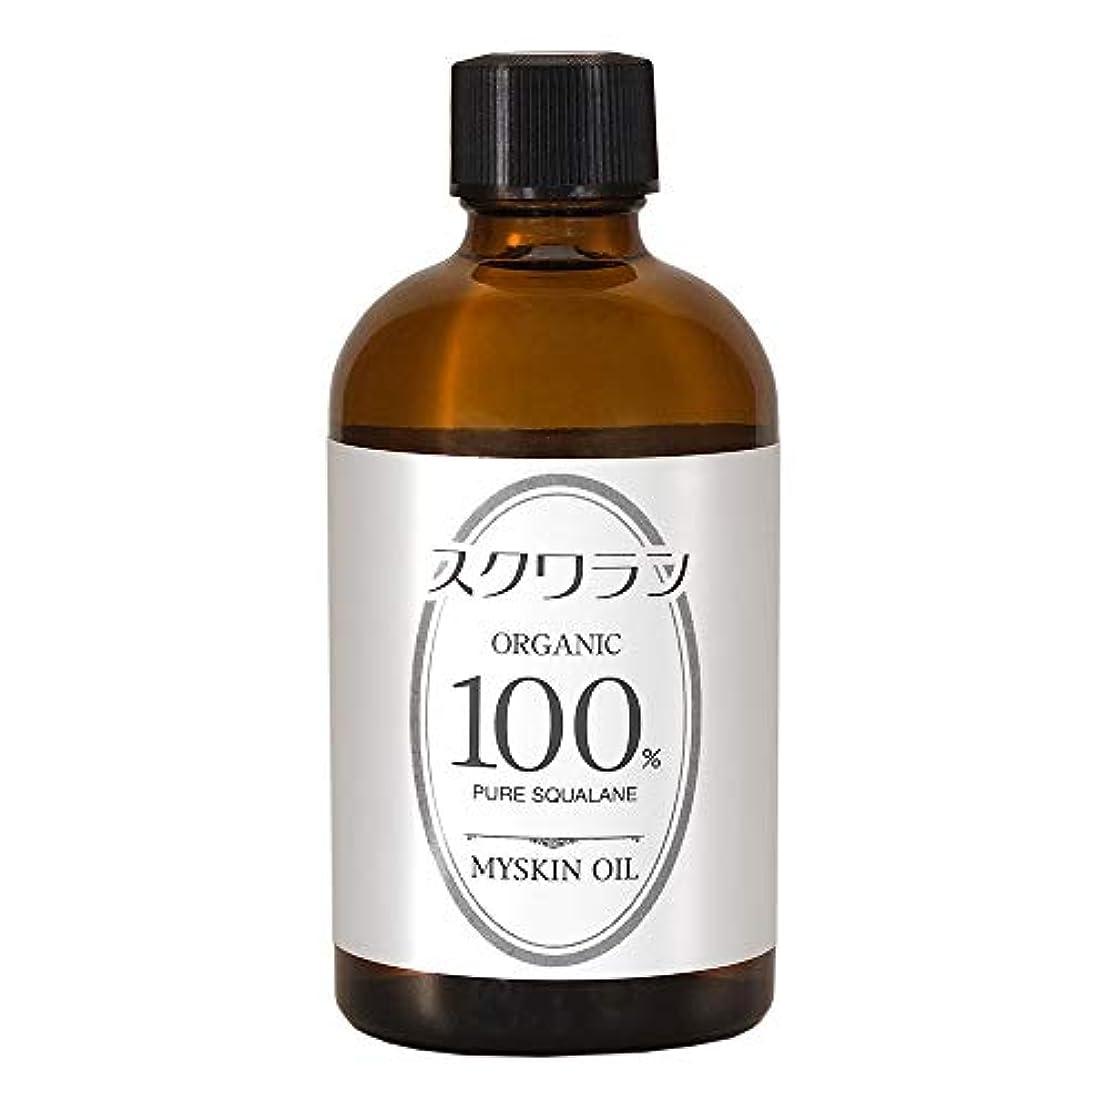 扱いやすいアトミック補足MYSKIN(マイスキン) スクワランオイル 120ml【植物由来】【無添加】